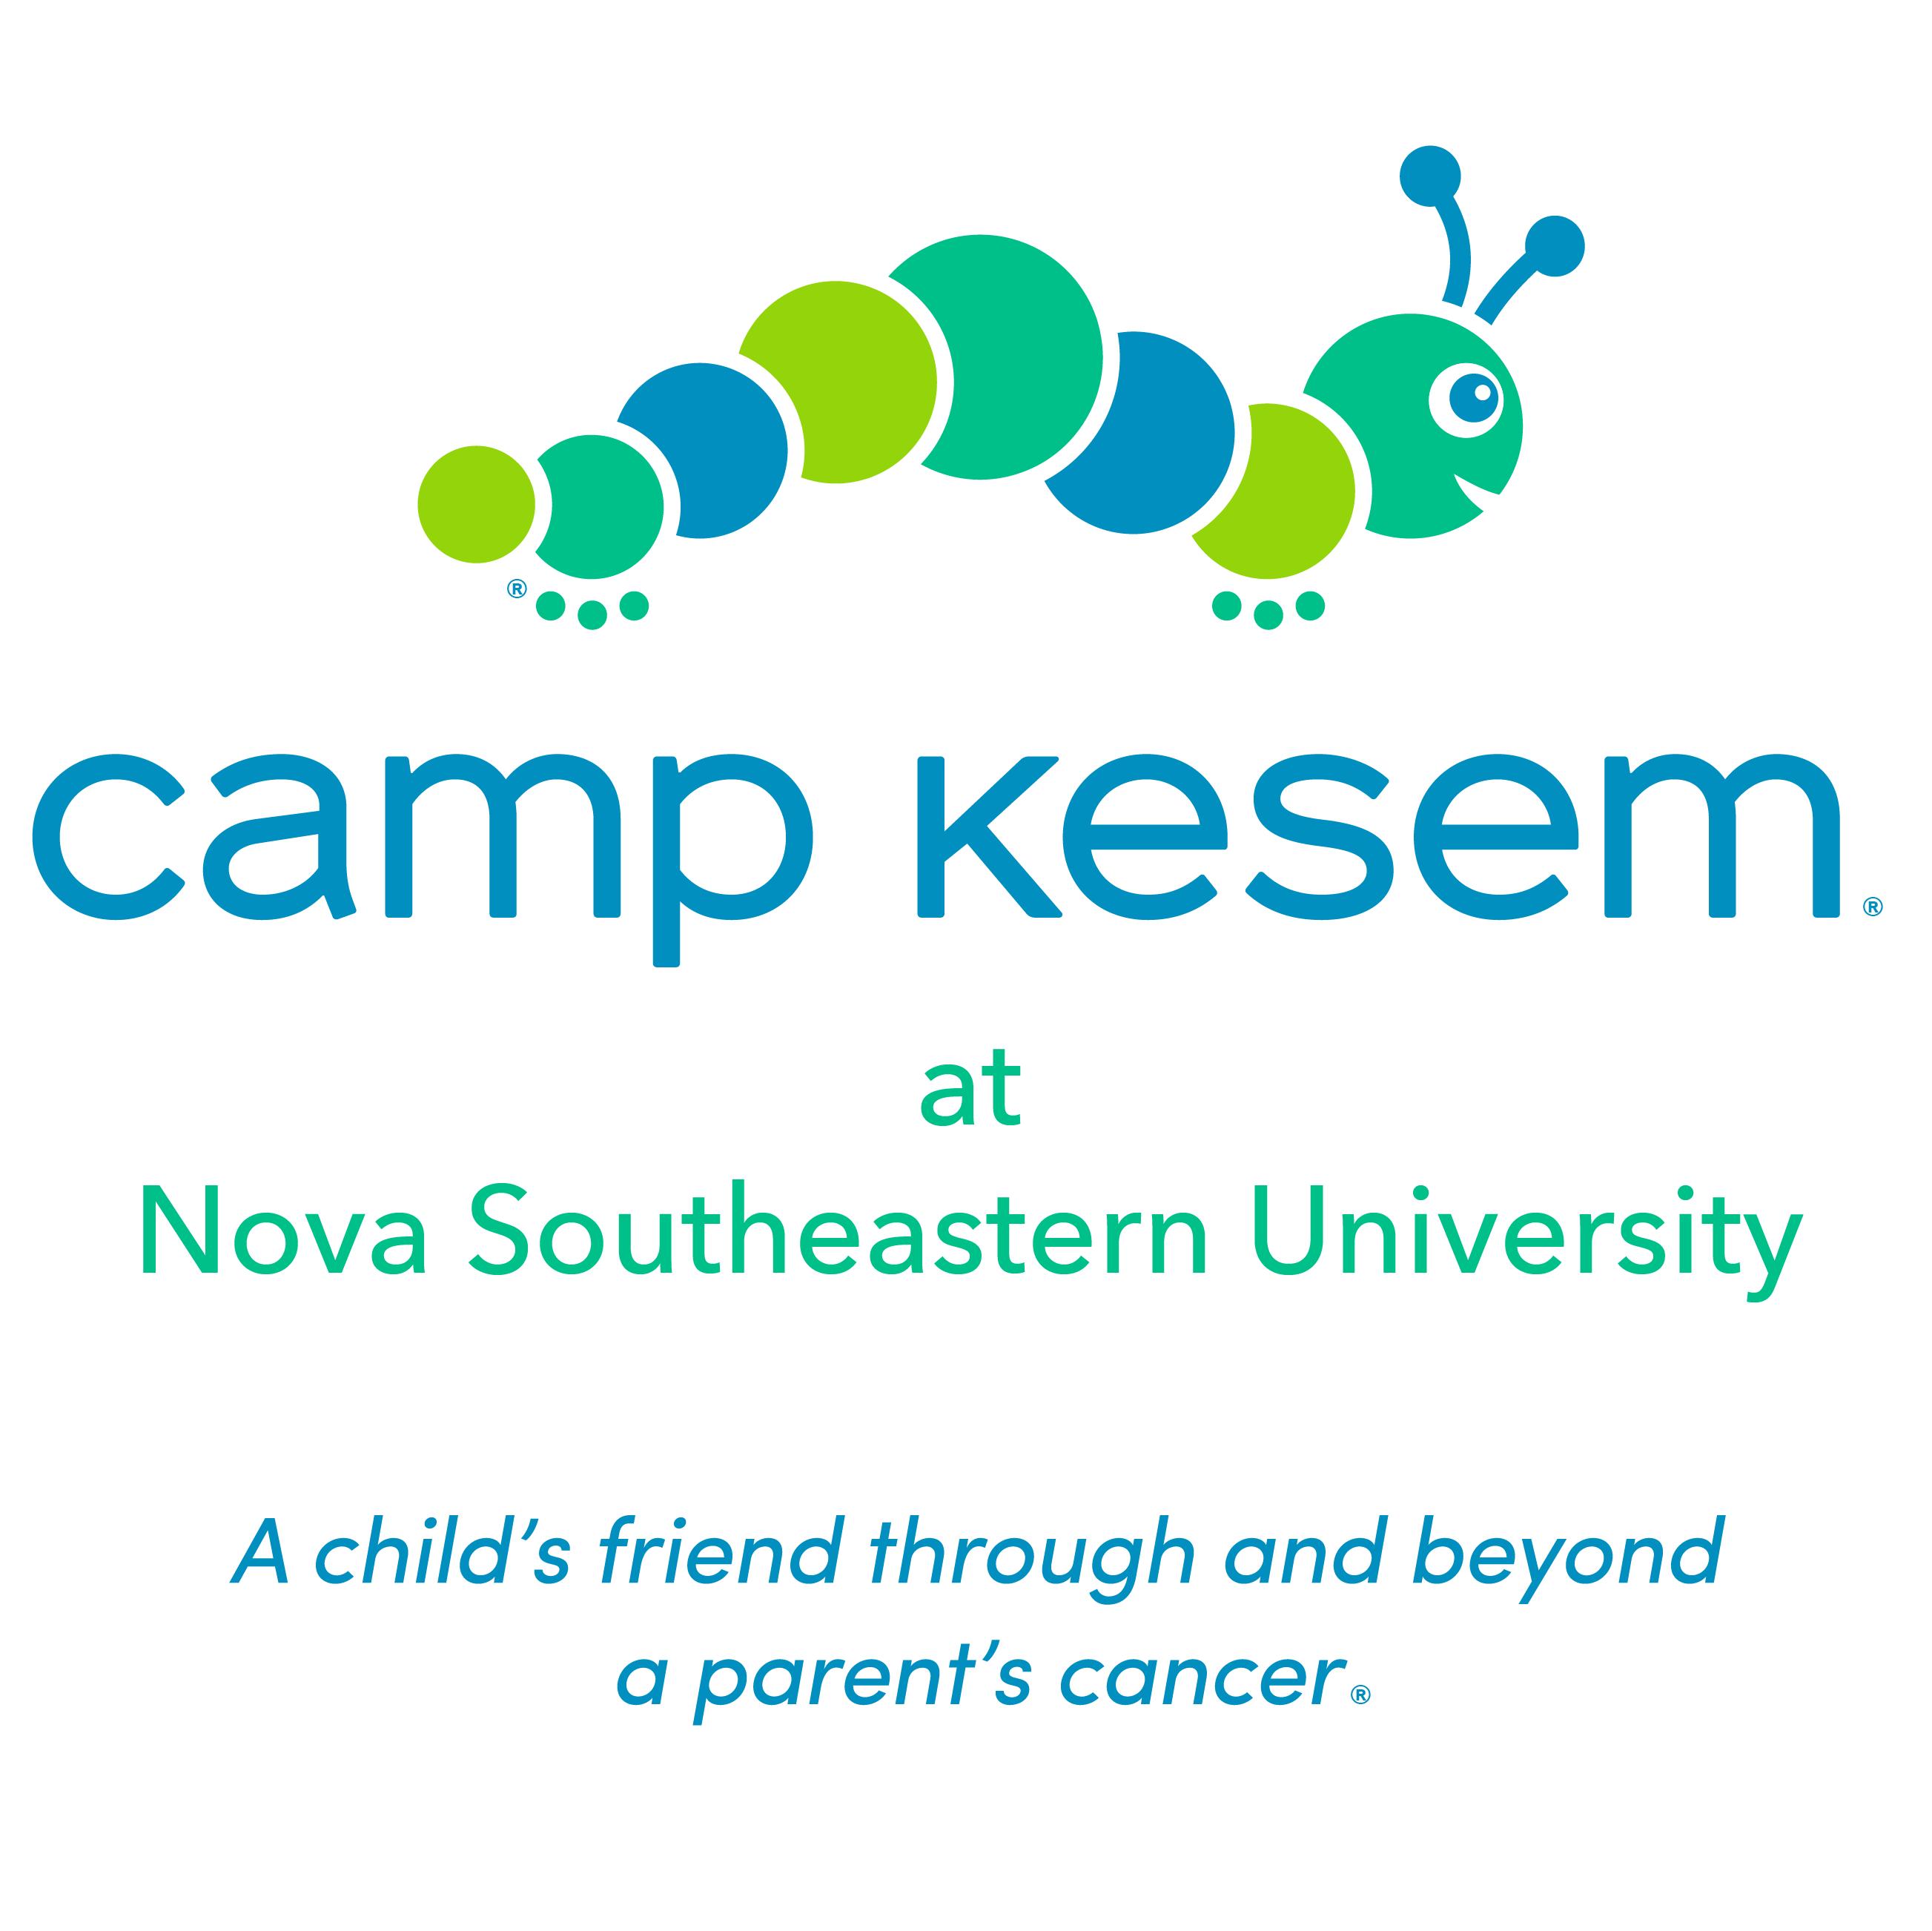 Camp Kesem at Nova Southeastern University